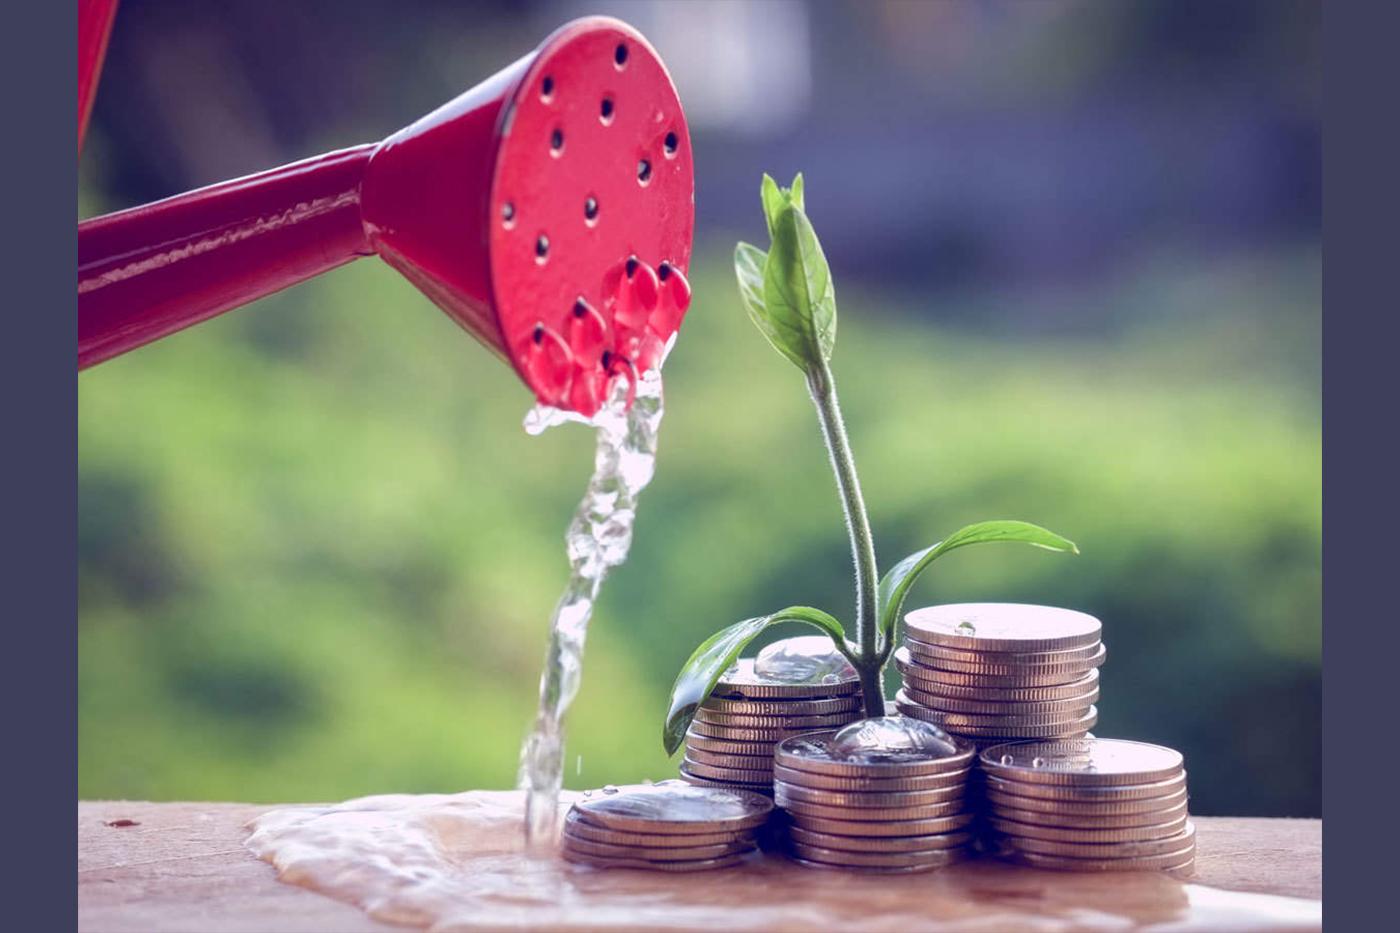 mCaffeine raises Rs 42 crore in Series B funding